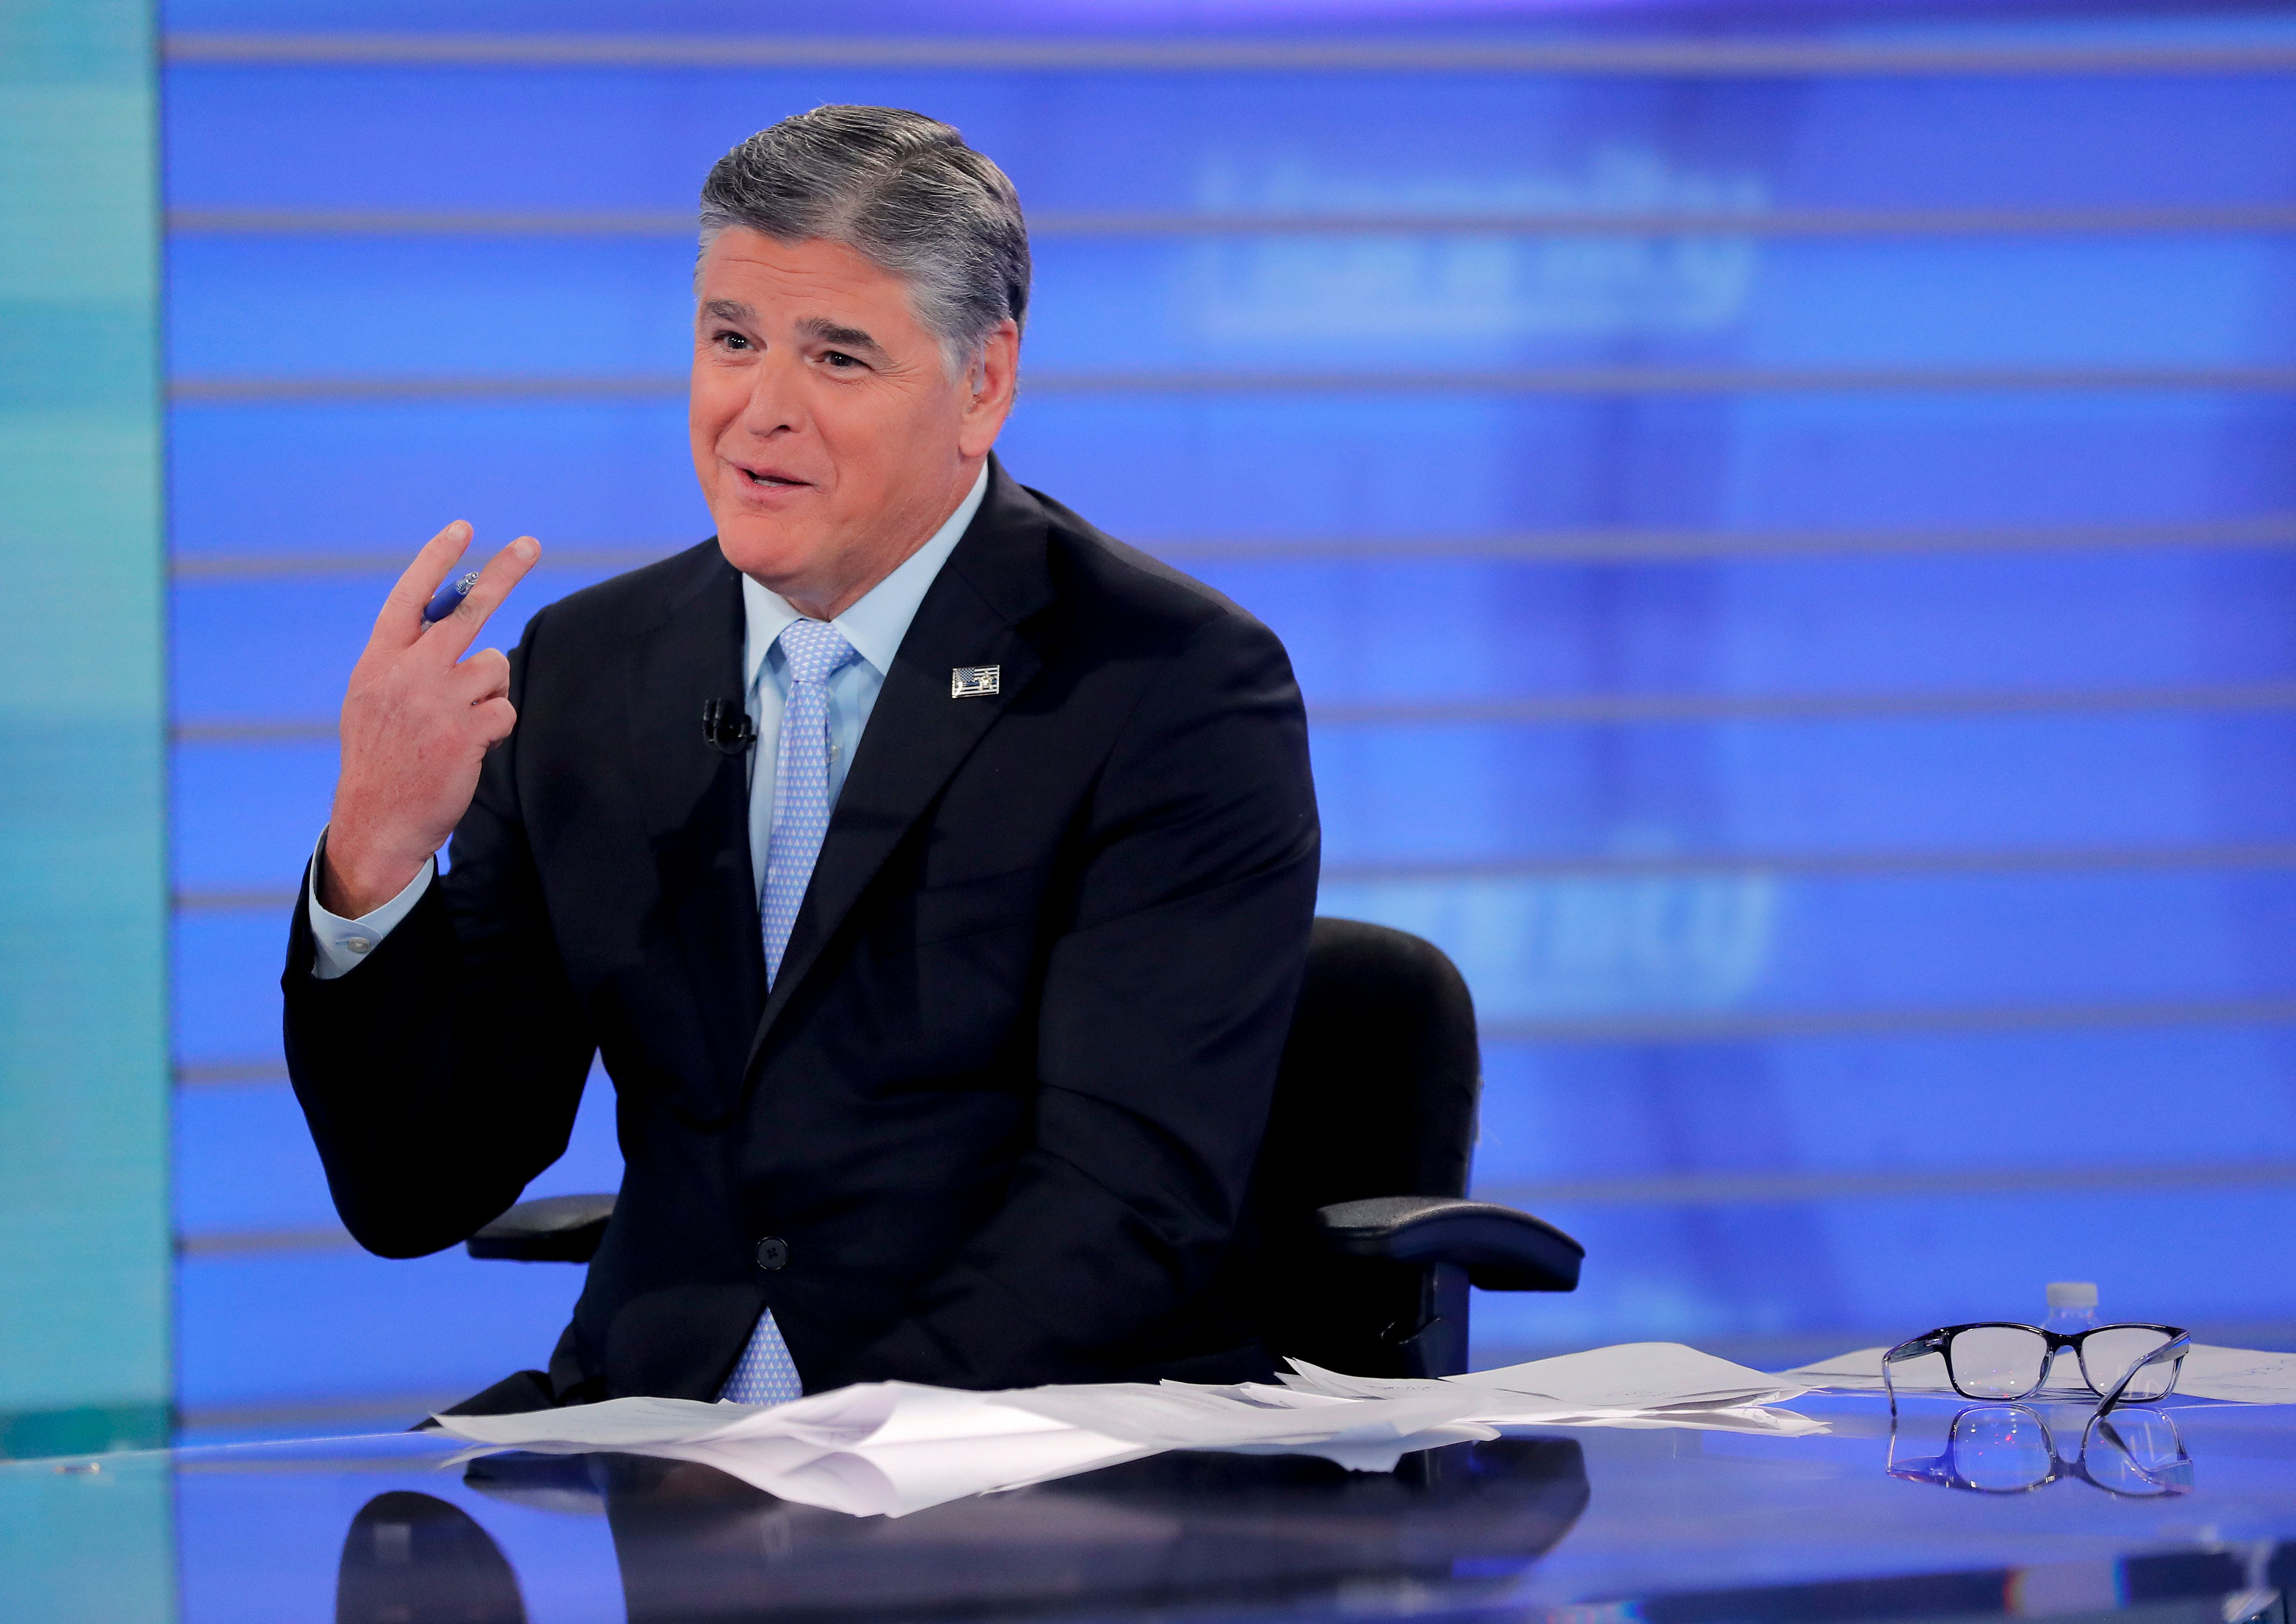 El anfitrión de Fox News, Sean Hannity, en una imagen del 26 de julio de 2018. (AP Foto/Julie Jacobson, File)